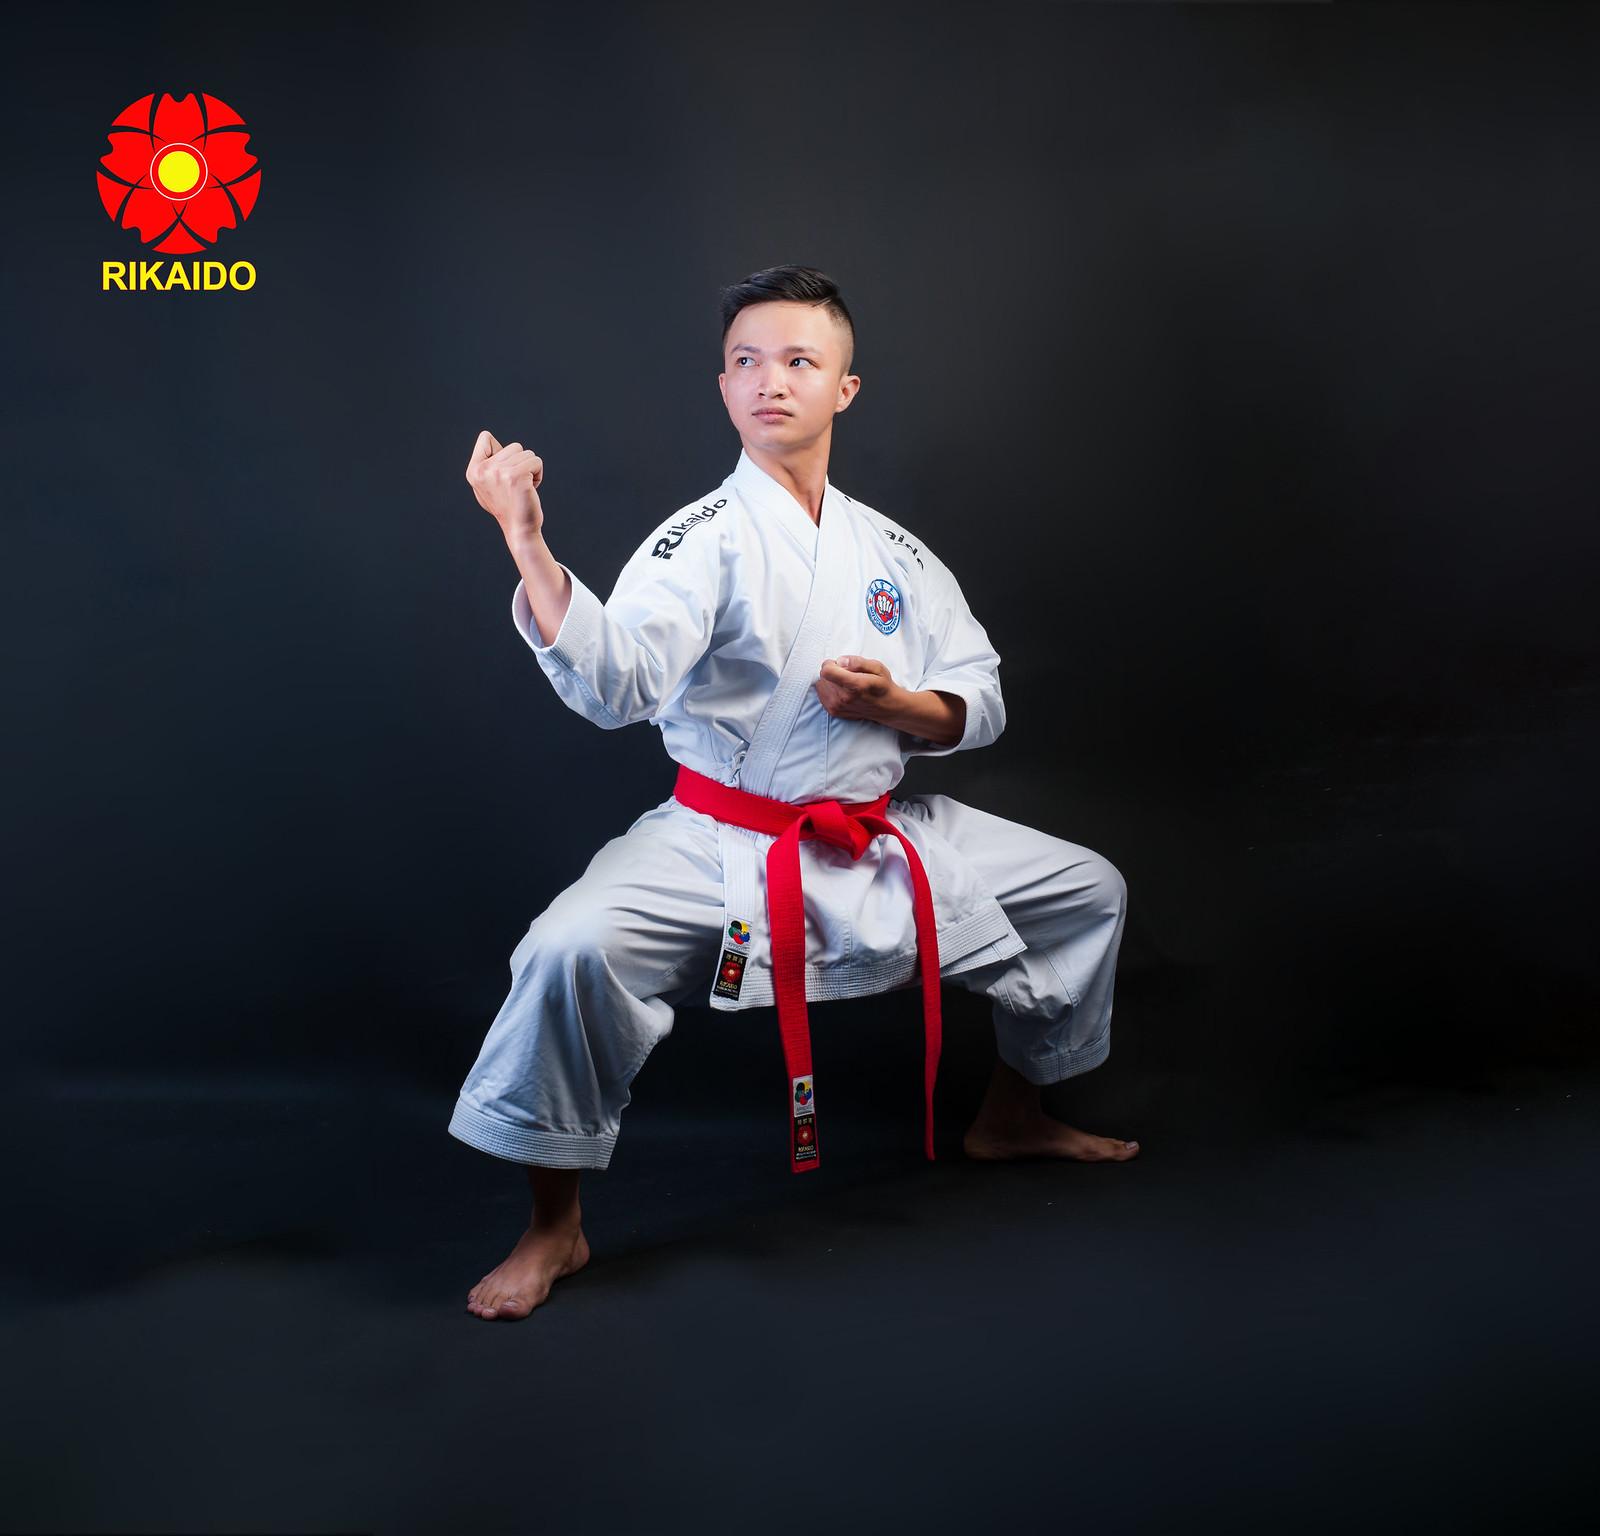 43260450964 f8f3aacd8b h - Ảnh nghệ thuật karate chụp trong studio